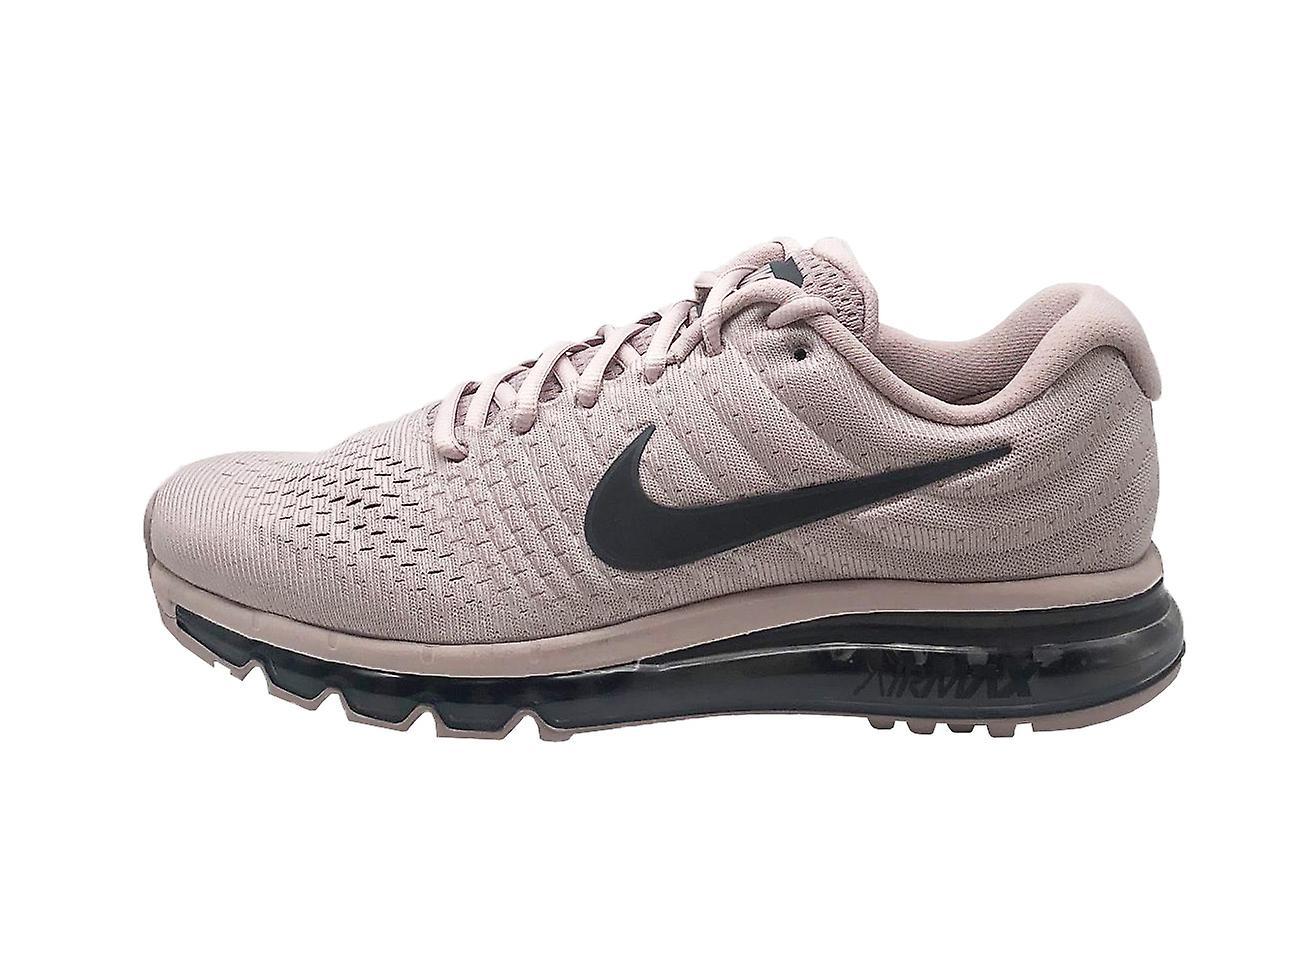 Nike Air Max 2017 AQ8628 600 Mens Trainers